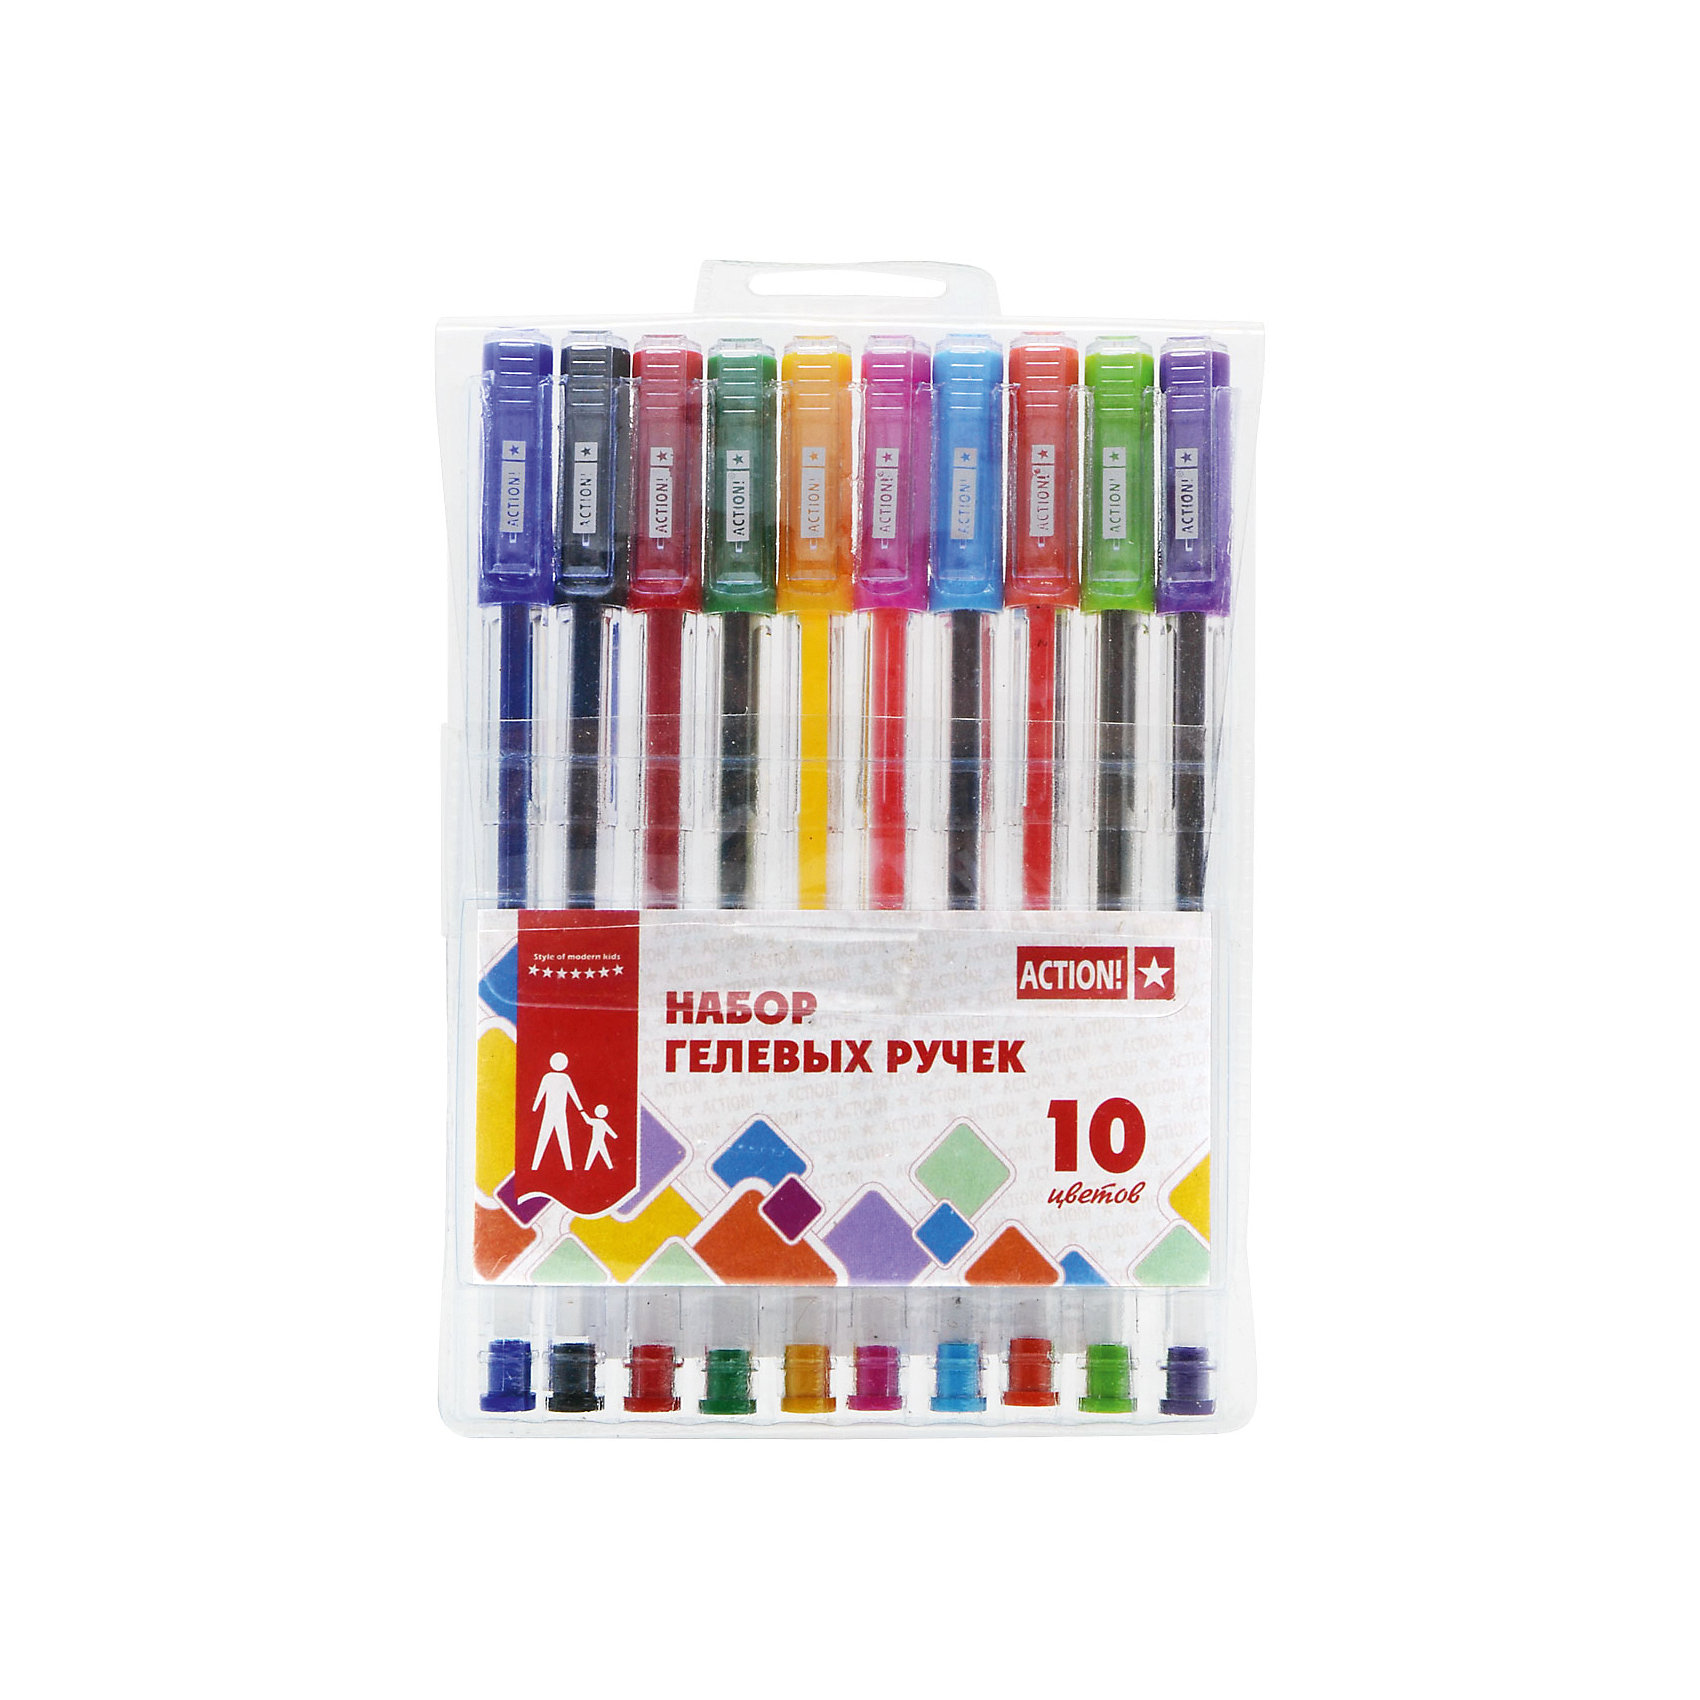 Набор шариковых ручек Action!, 10 цветовПисьменные принадлежности<br>Характеристики товара:<br><br>• в комплекте: 10 ручек (10 цветов);<br>• тип ручек: шариковые;<br>• диаметр шарика: 0,5 мм;<br>• размер упаковки: 1х10х17 см;<br>• вес: 68 грамм;<br>• возраст: от 3 лет.<br><br>Набор разноцветных ручек ACTION! поможет разнообразить творческие занятия ребенка. В комплект входят 10 ручек разных цветов. Чернила обладают ярким, насыщенным цветом. Они мягко ложатся на поверхность бумаги и быстро высыхают. Чернила не размазываются и долго сохраняют цвет.<br><br>ACTION! (Экшен!) Набор разноцветных шариковых ручек 10 цветов можно купить в нашем интернет-магазине.<br><br>Ширина мм: 170<br>Глубина мм: 100<br>Высота мм: 10<br>Вес г: 68<br>Возраст от месяцев: 36<br>Возраст до месяцев: 2147483647<br>Пол: Унисекс<br>Возраст: Детский<br>SKU: 6884867